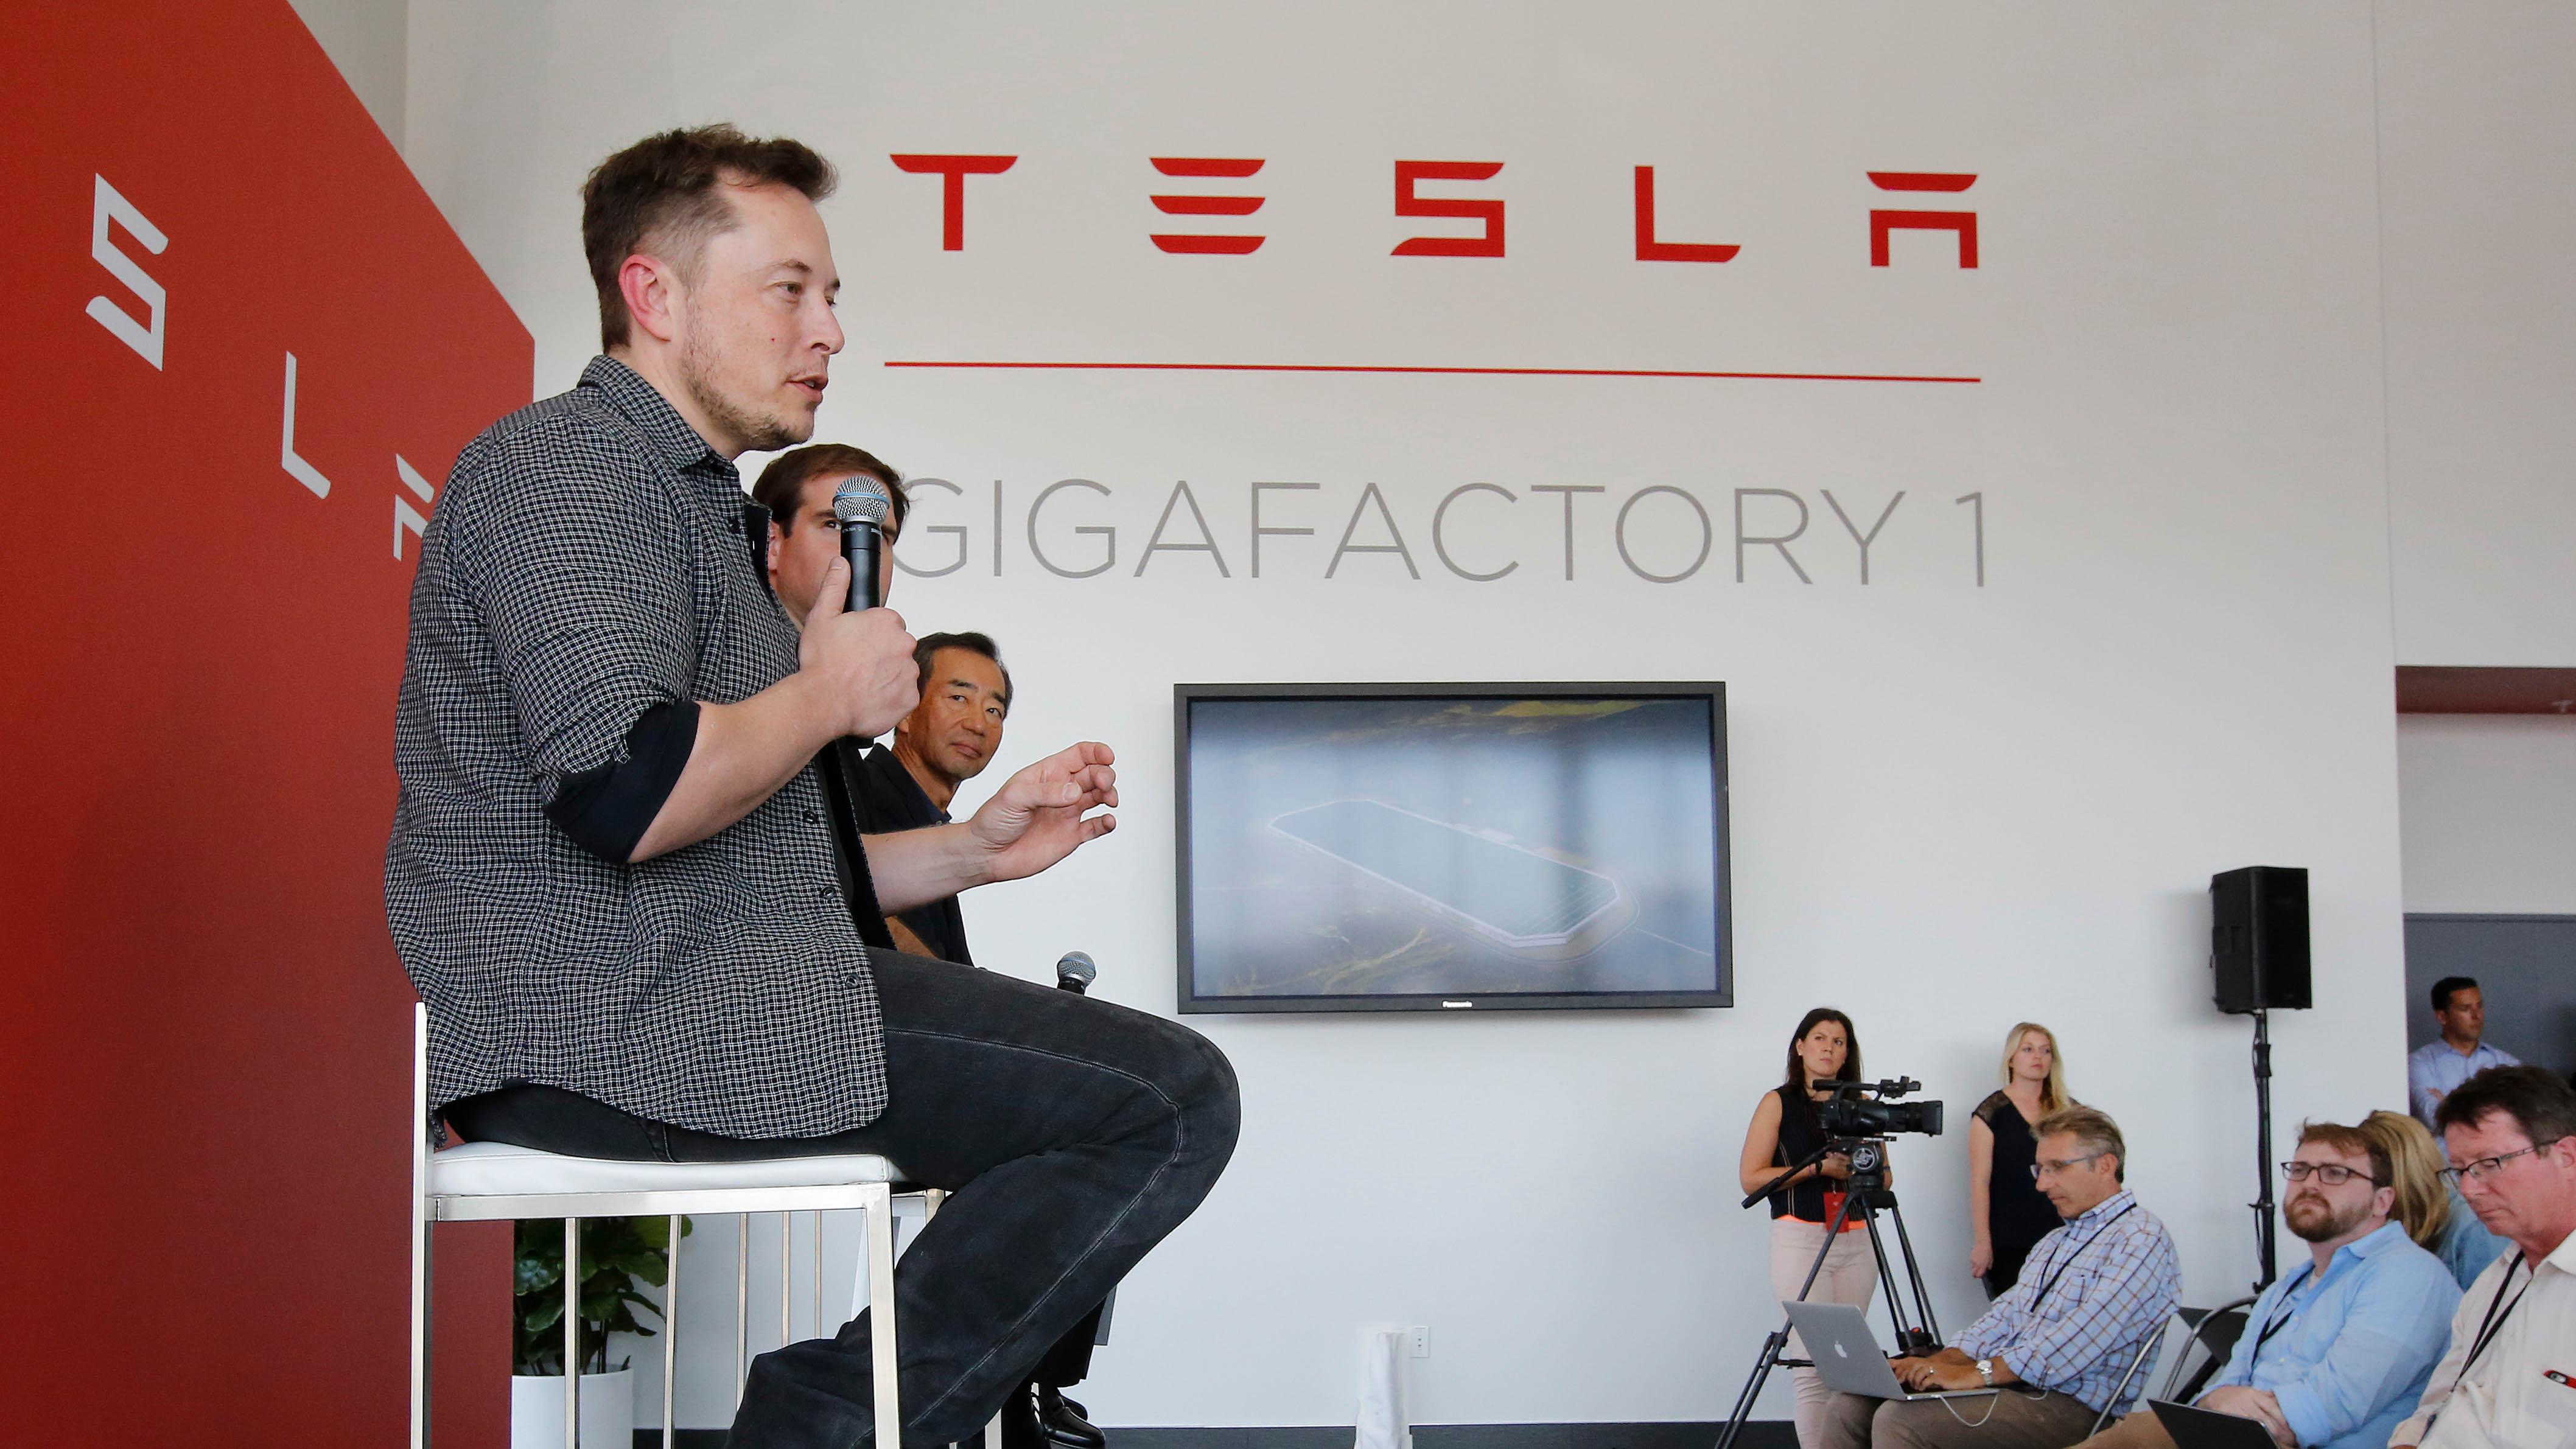 Archivbild: Elon Musk CEO von Tesla Motors Inc. bei einer Pressekonferenz. (Quelle: dpa/R. Pedroncelli)